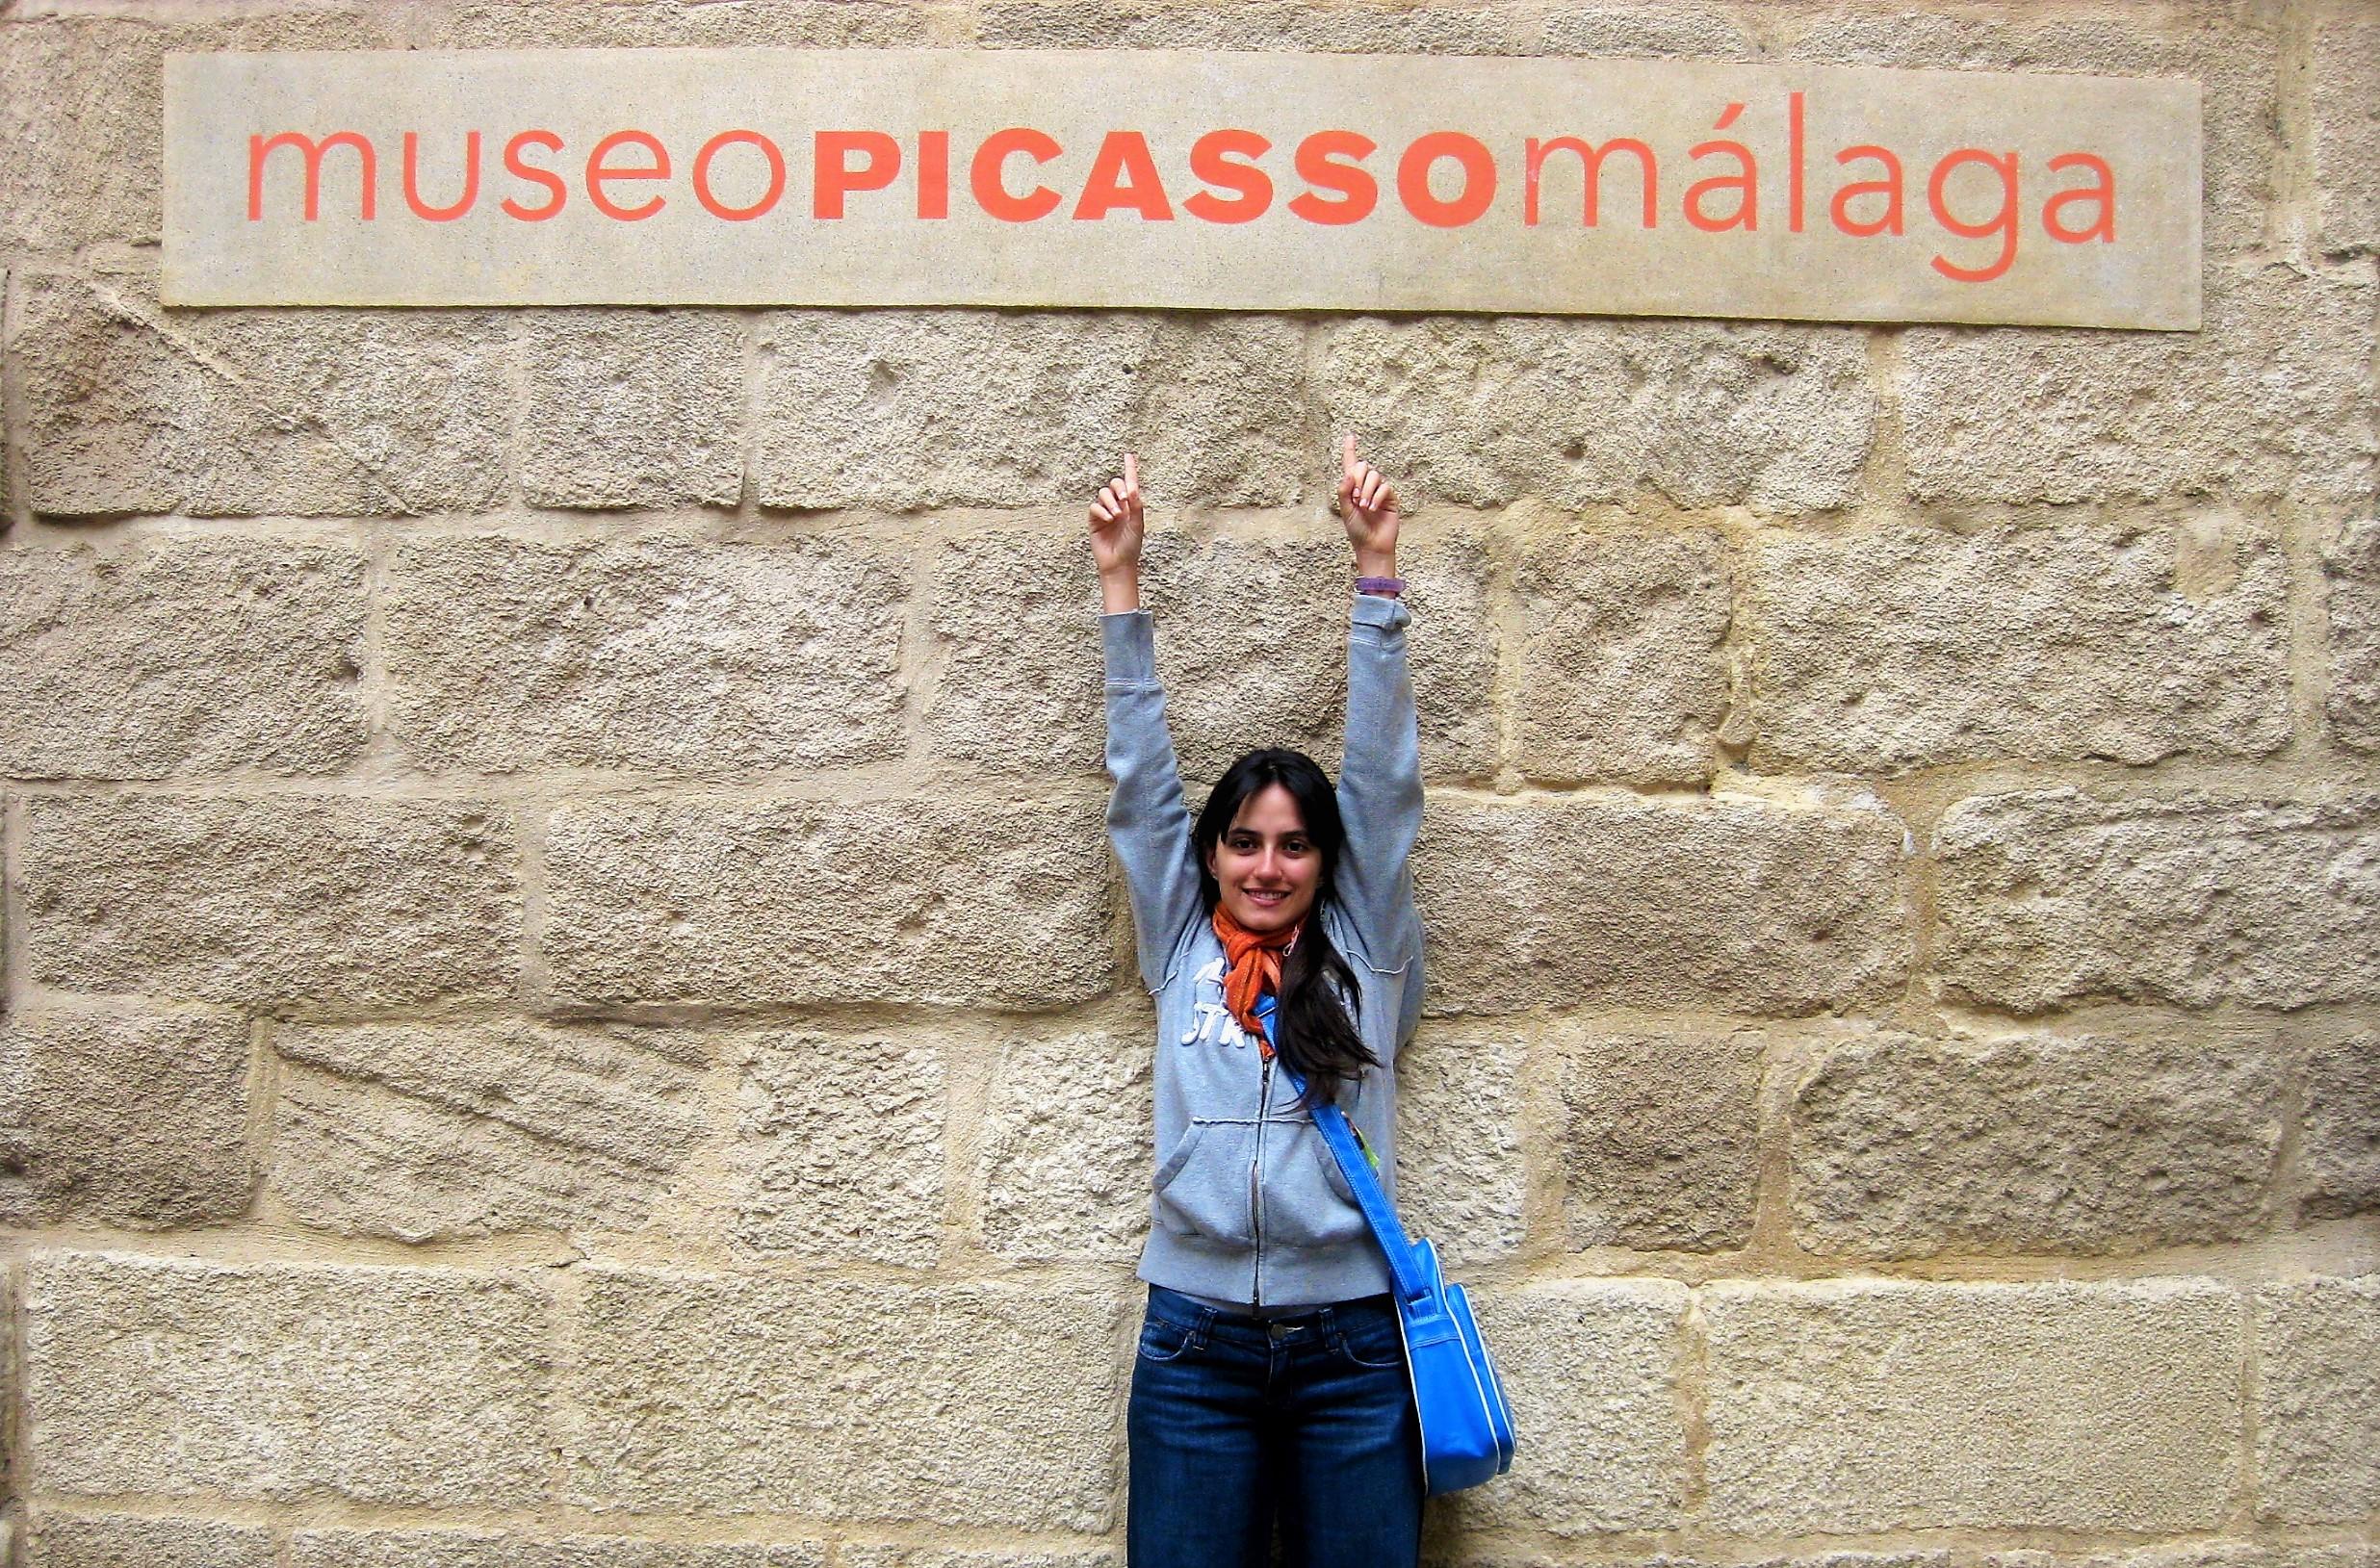 Poseta cuvenom Pikasovom muzeju je deo aktivnosti koje su ukljucene u cenu, kamp spanskog jezika u Malagi